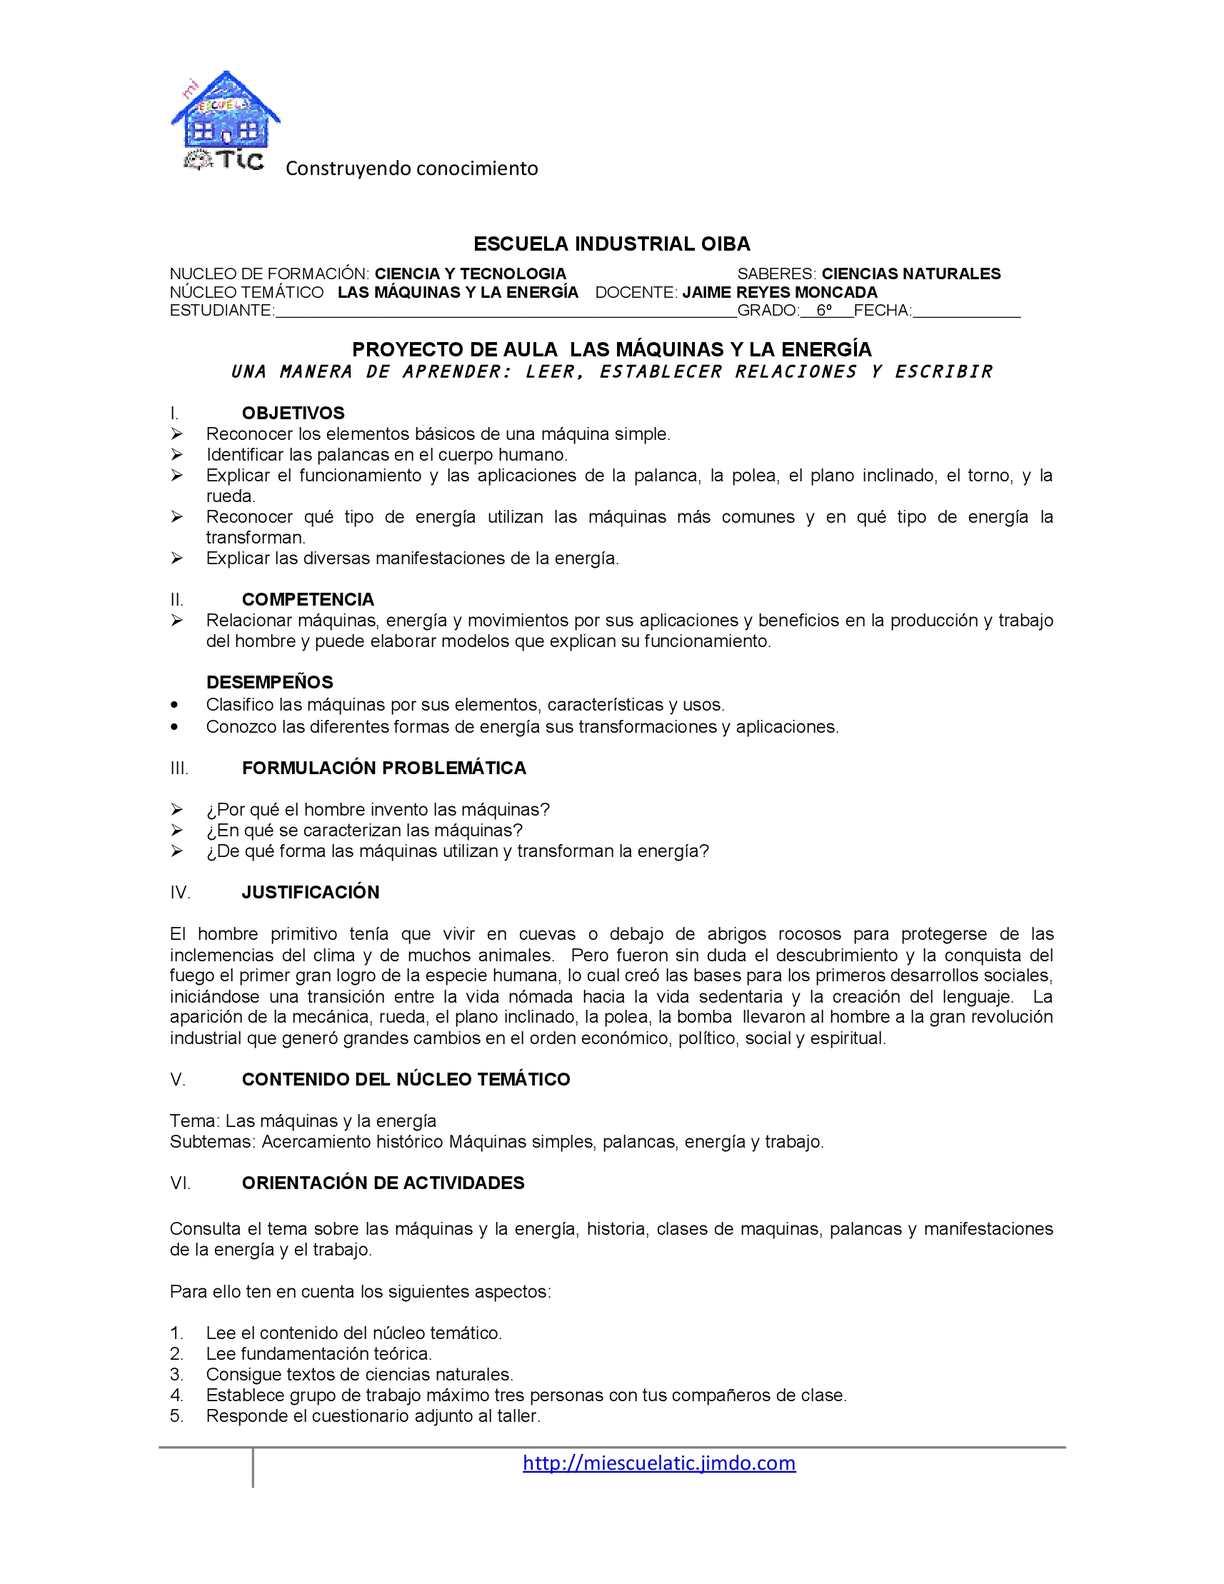 Estudiante de la uasd vianelis de los santos dominicana - 5 6